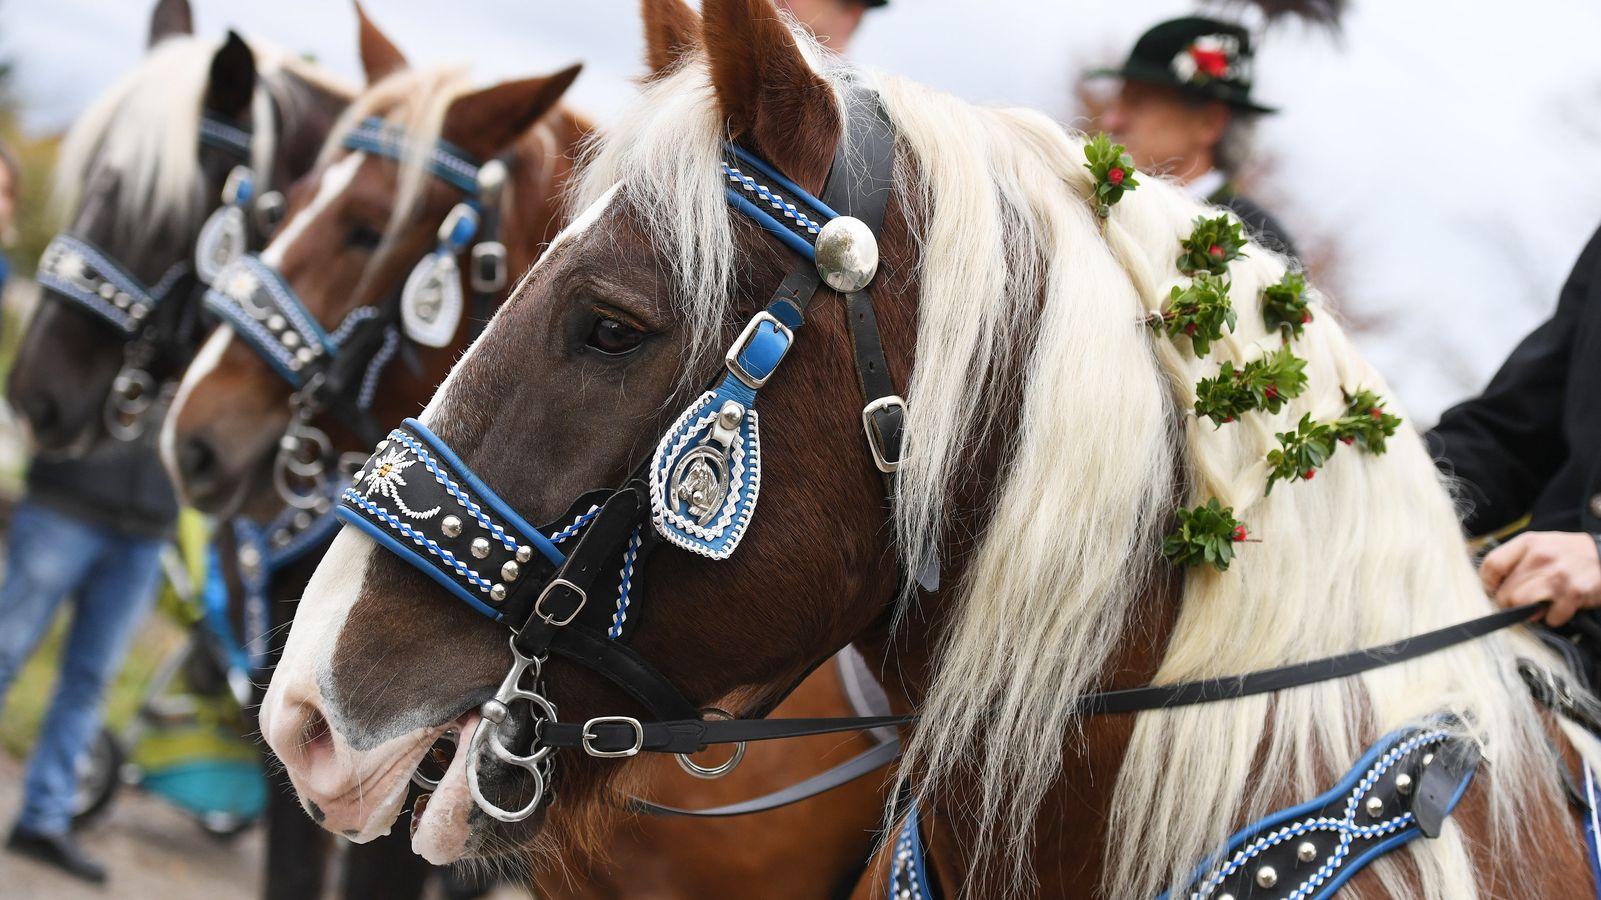 Prachtvoll aufgezäumtes Pferd mit Haarschmuck zum Leonhardiritt in Benediktbeuren